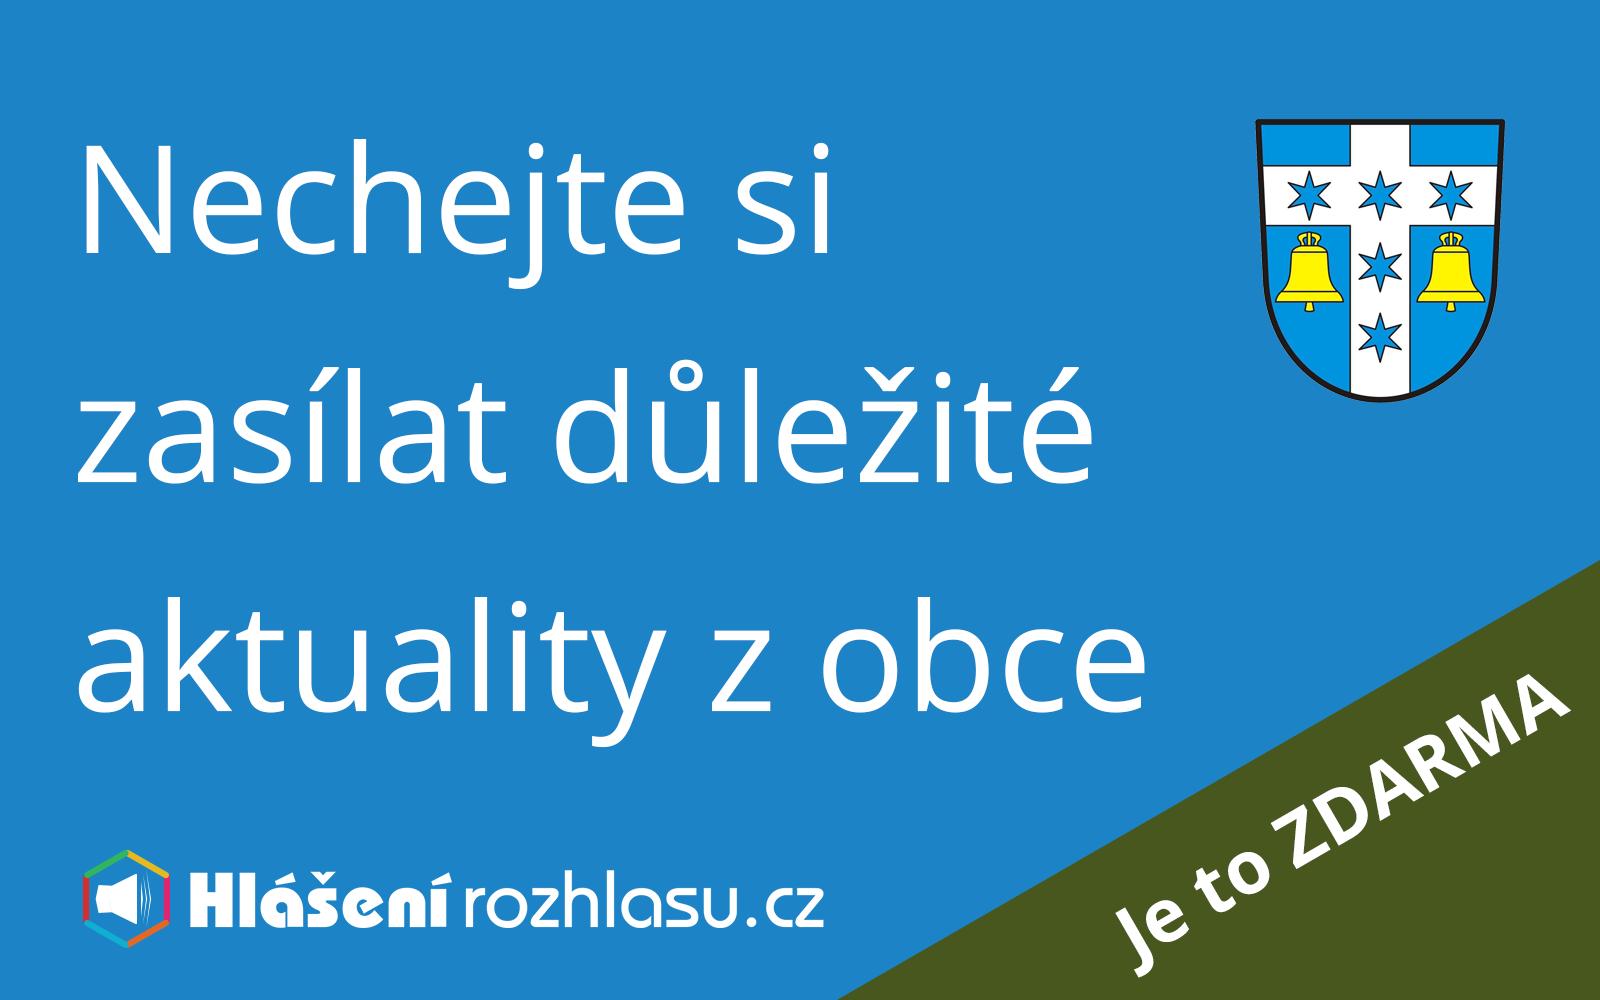 hlasenirozhlasu.cz